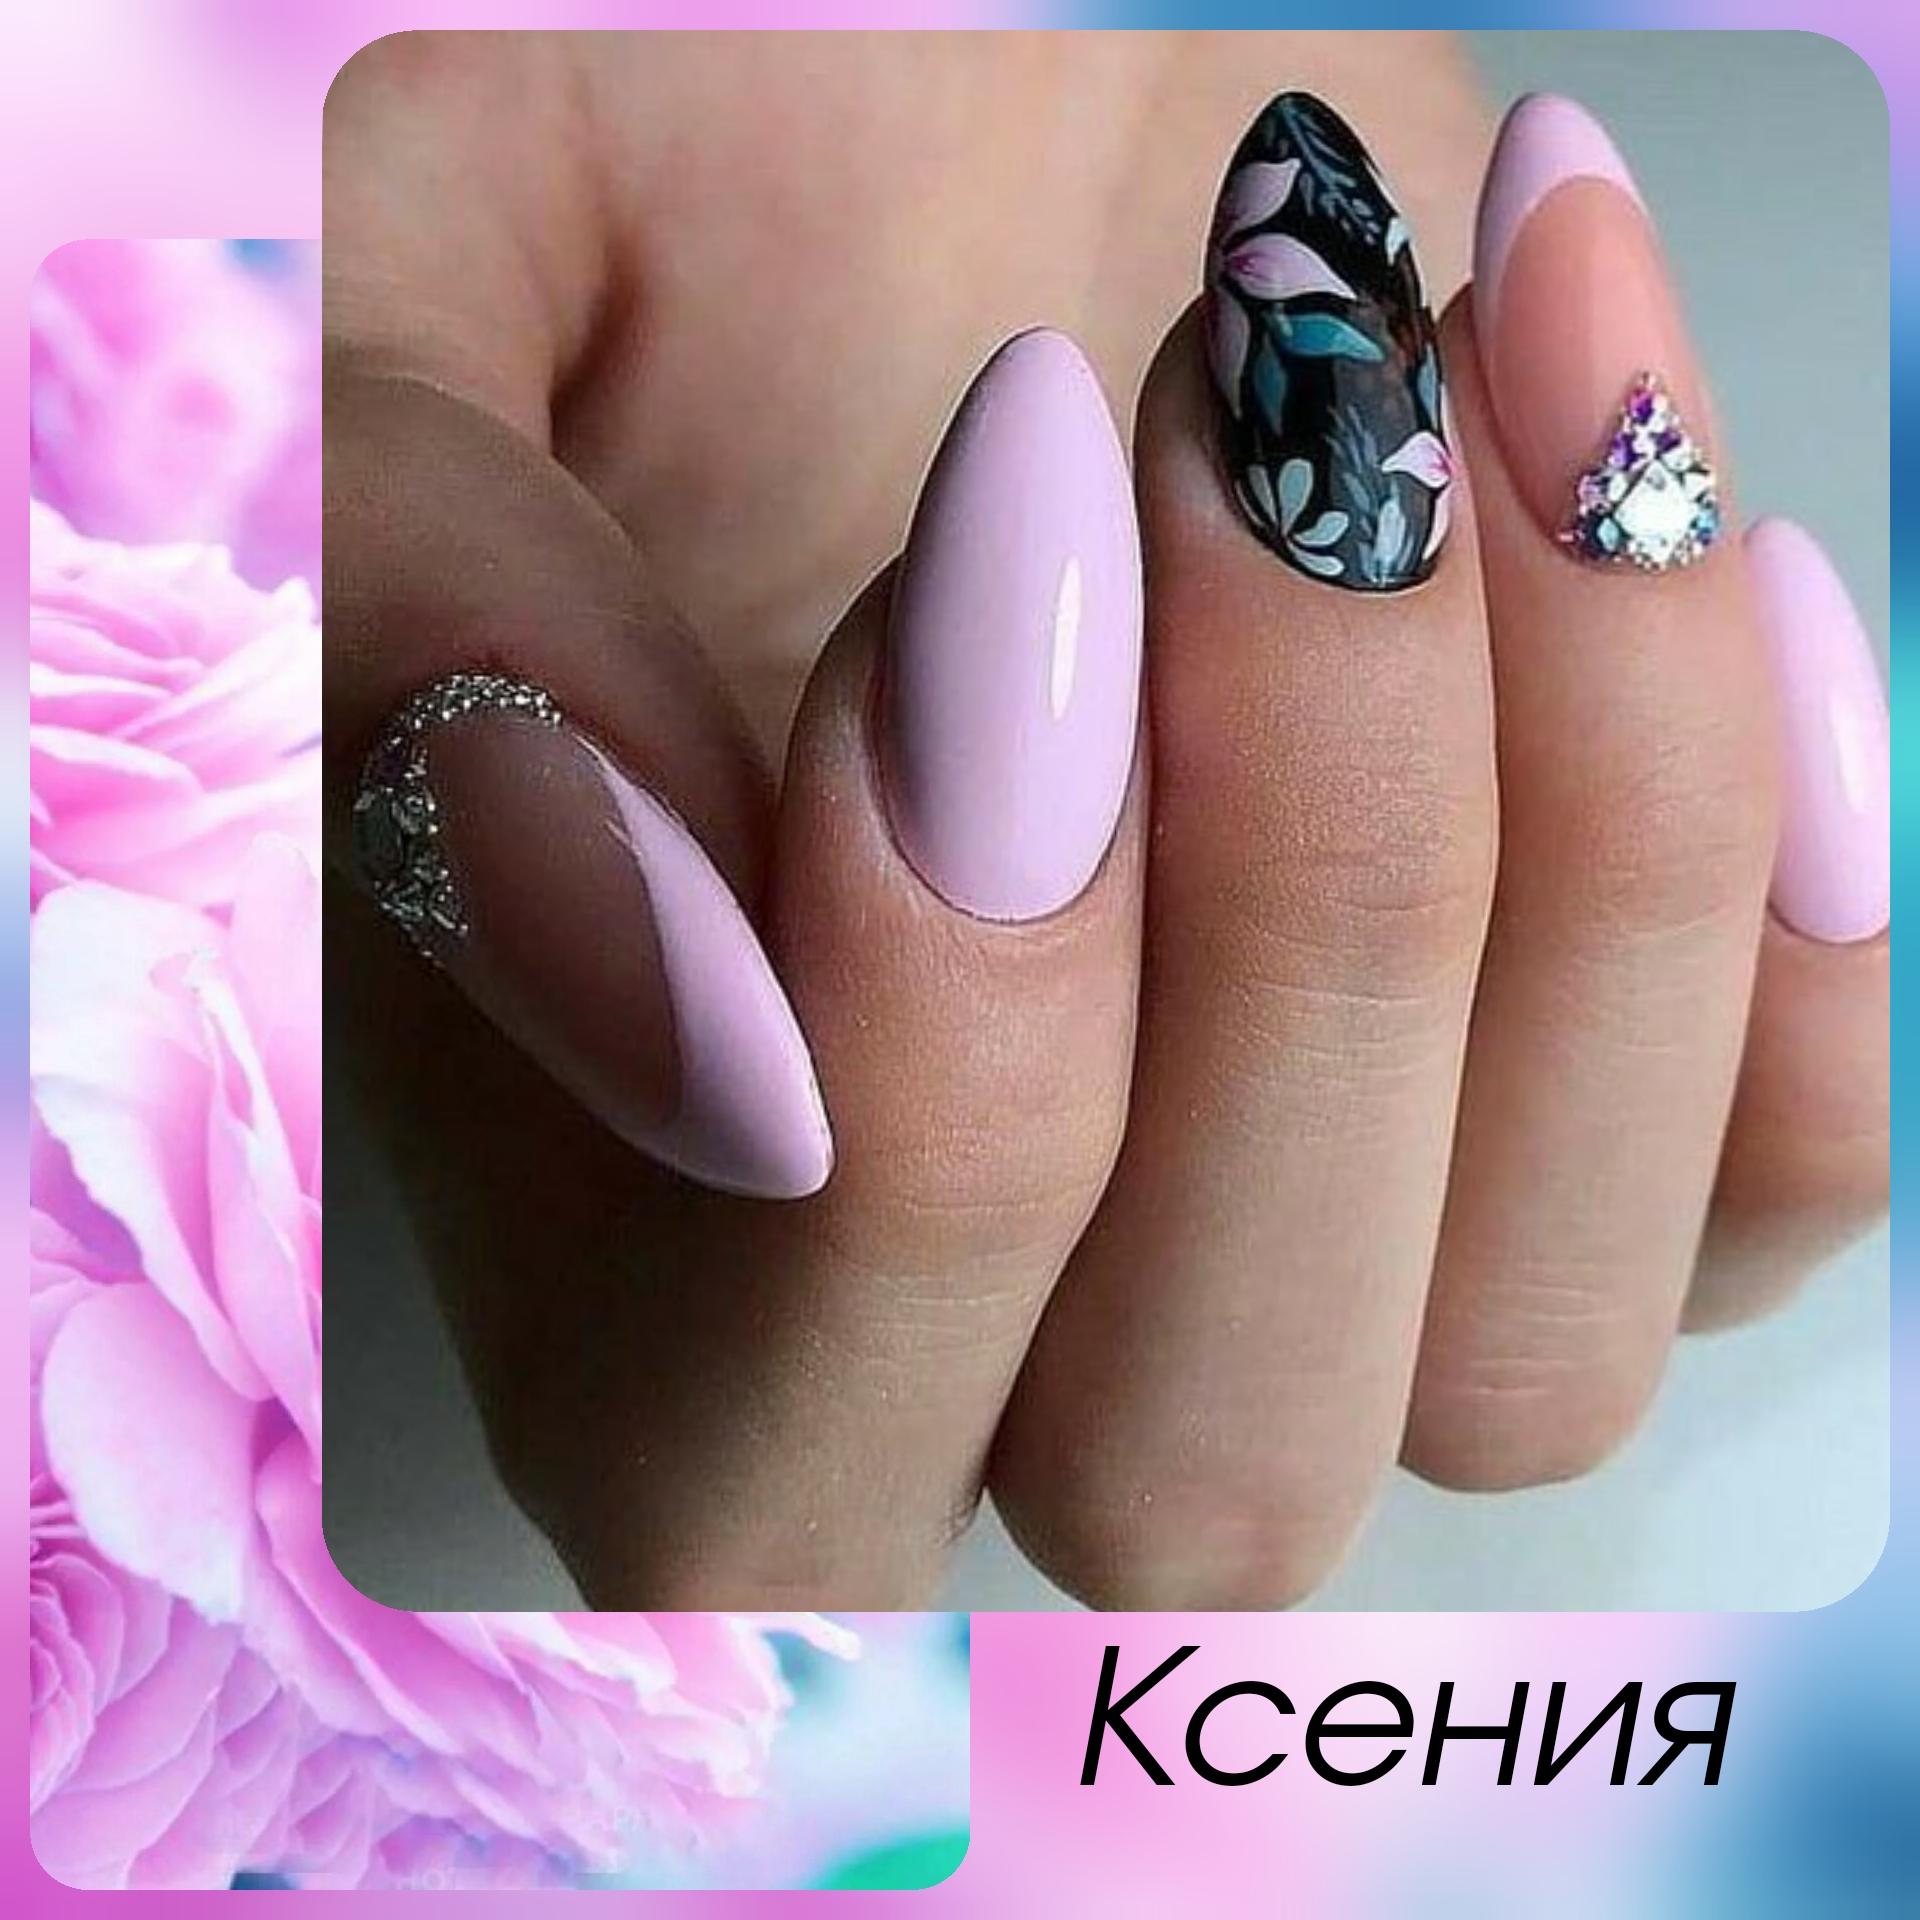 Маникюр с цветочным рисунком, френч-дизайном и стразами в розовом цвете.